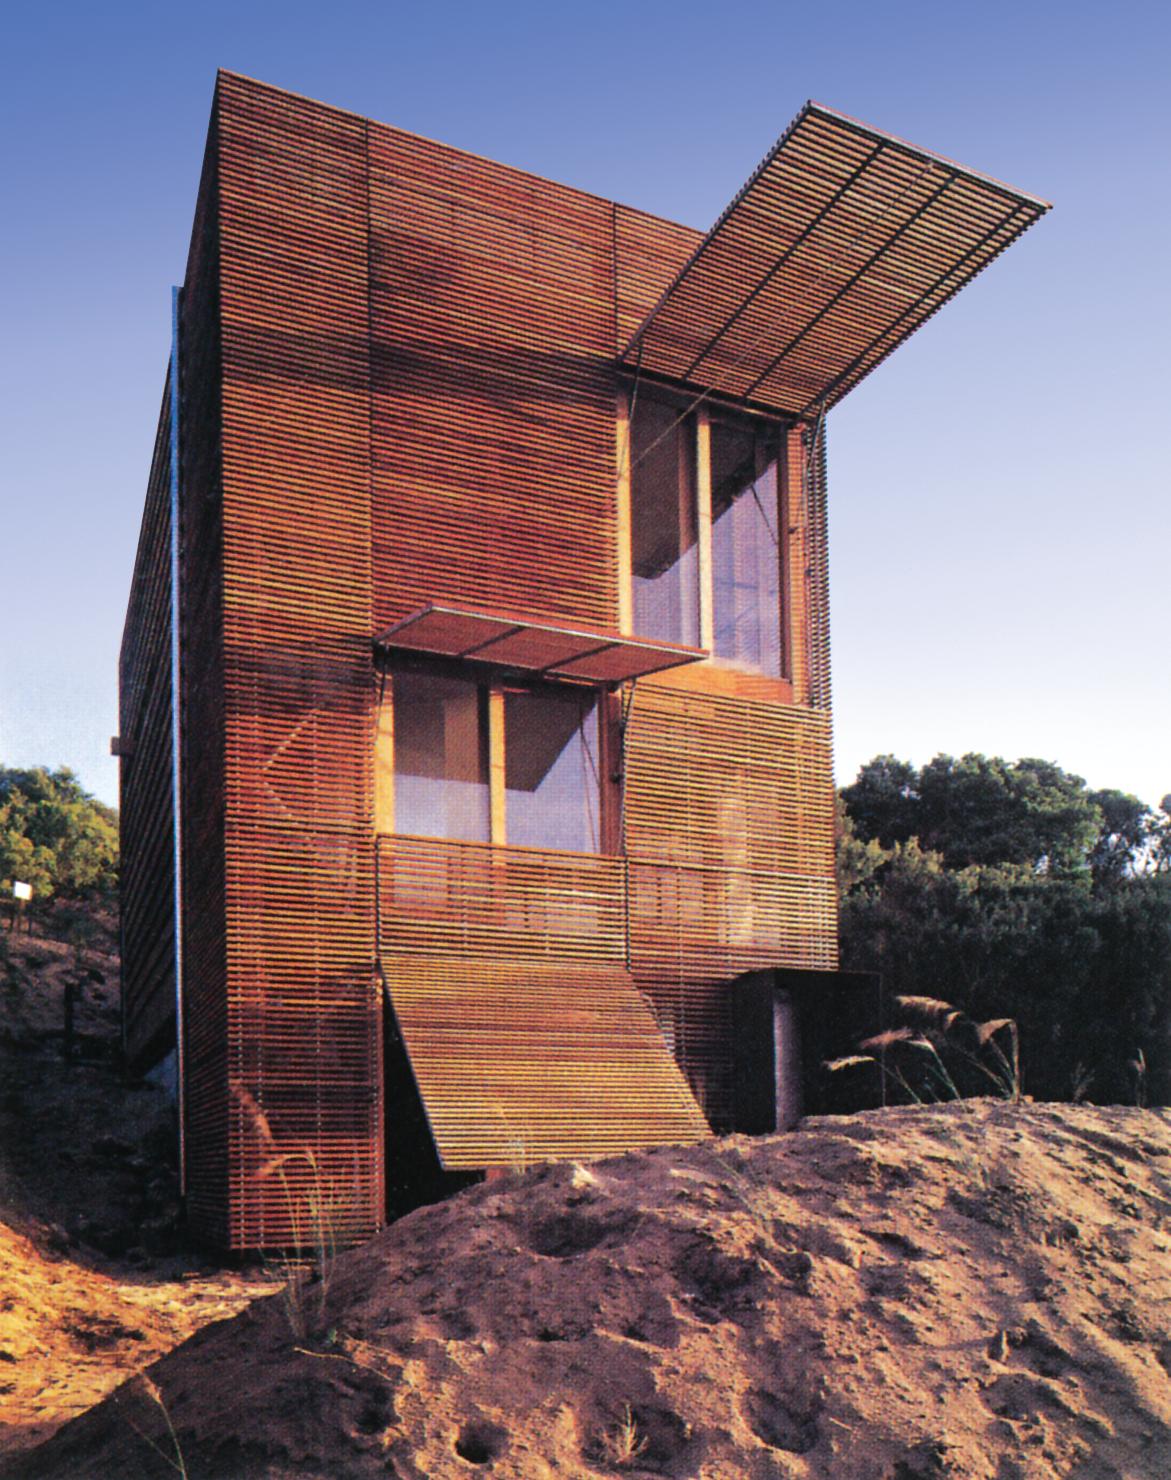 گروه معماران اِس.جی.اِی-شان گادسِل، خانهی کارتِر تاکِر؛ ویکتوریا، استرالیا، 2000